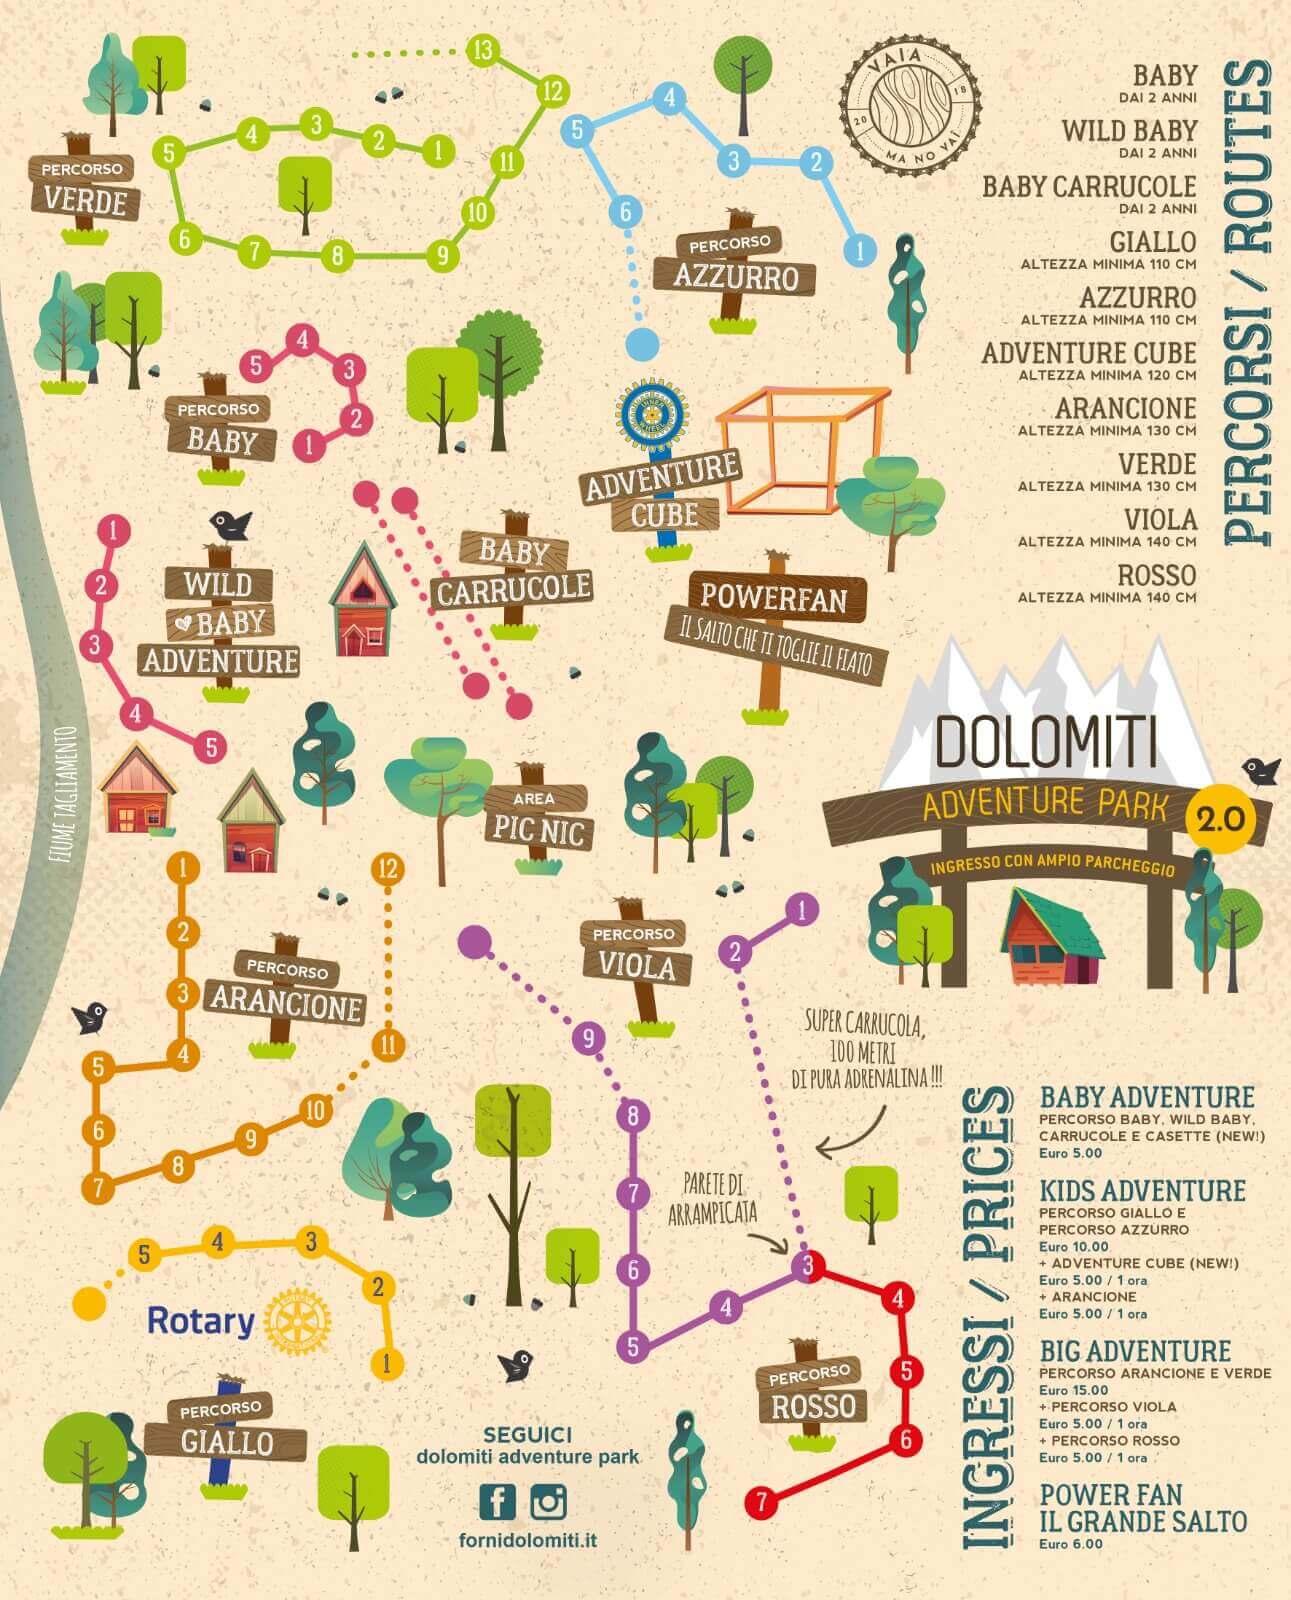 Mappa con i percorsi del Dolomiti Adventure Park